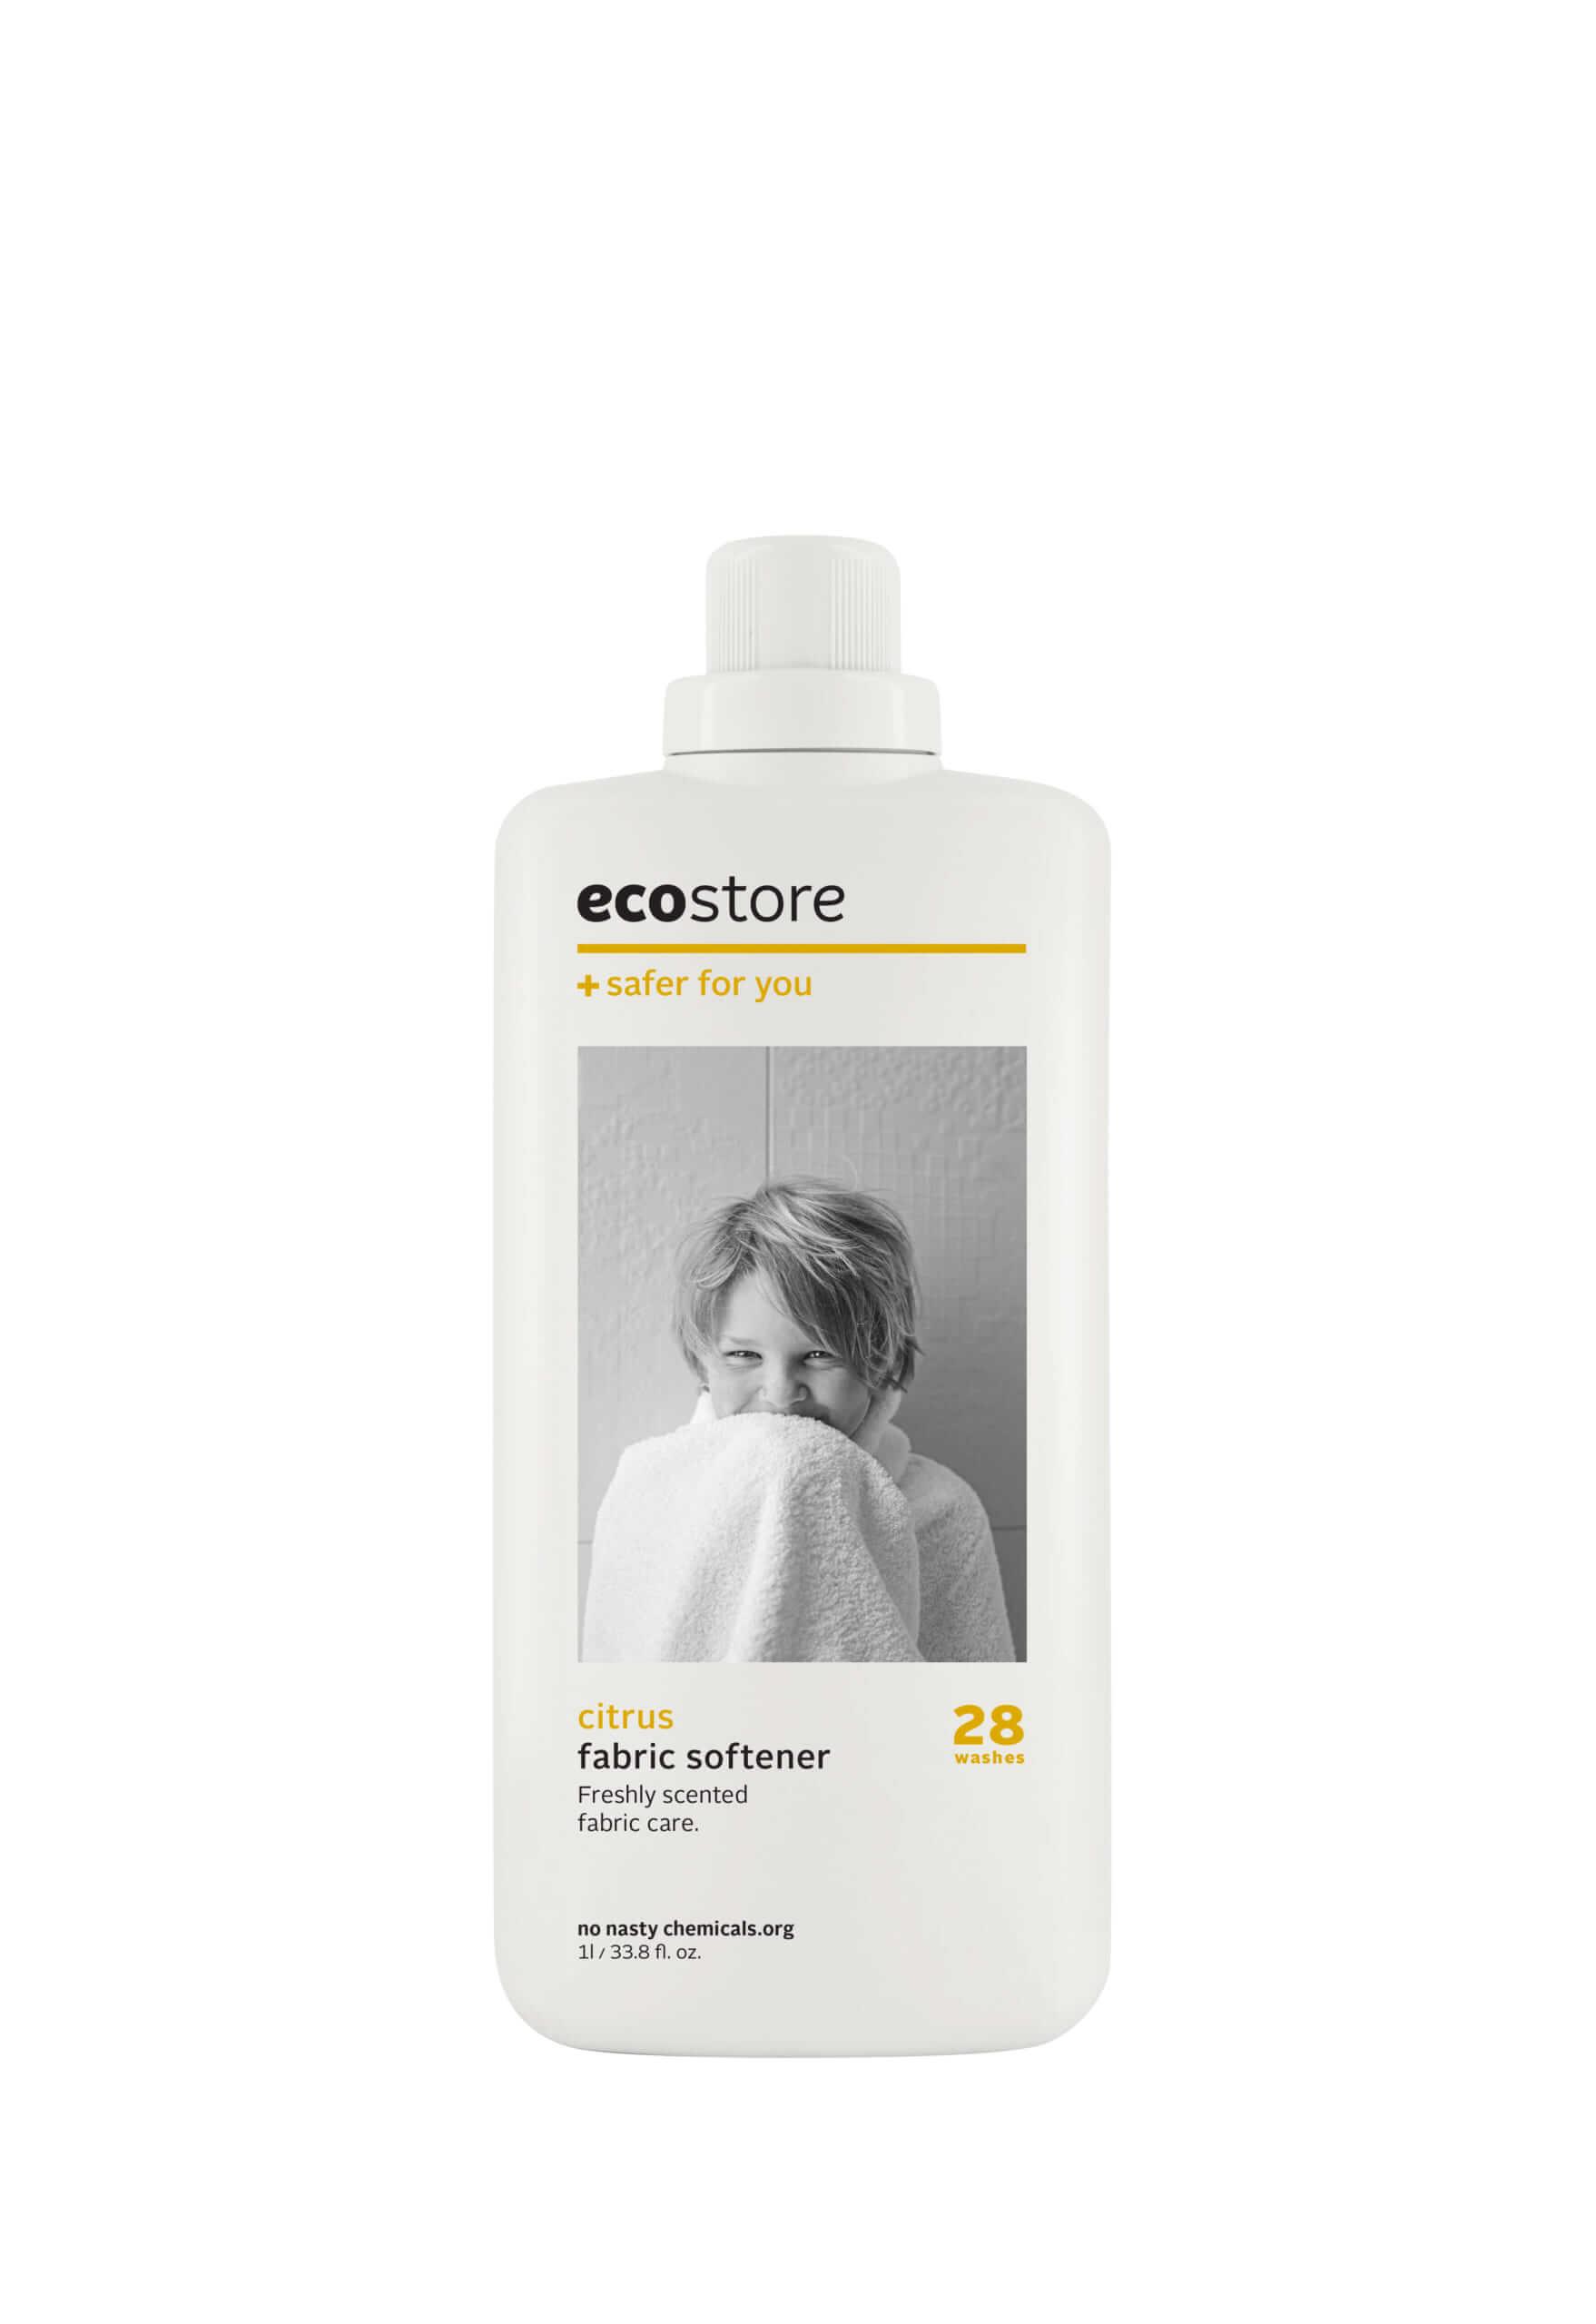 ecostore(エコストア)のファブリックソフナー<シトラス> 500mL/¥748(税込み)、1L/1,408(税込み)